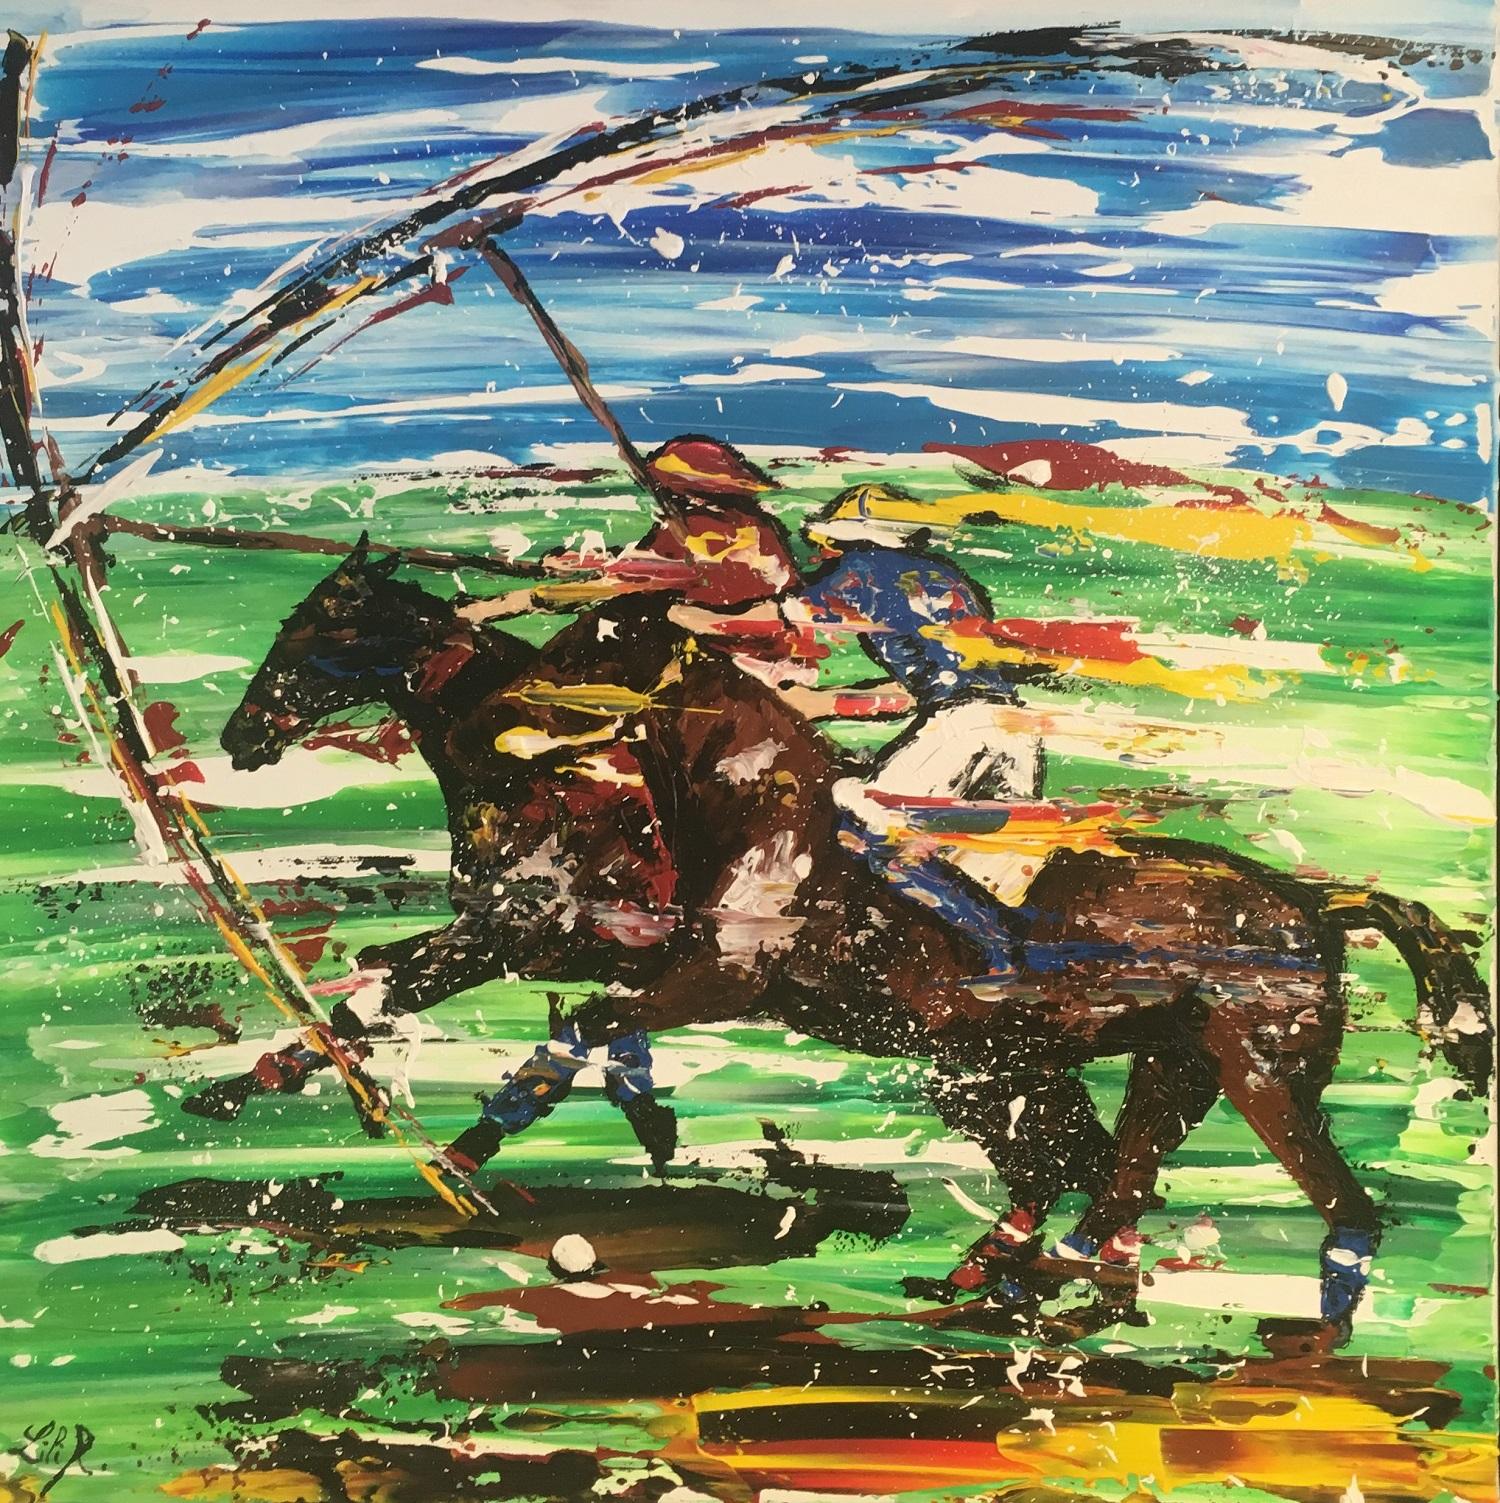 tableau acrylique couteaux polo severine richer peintre normand